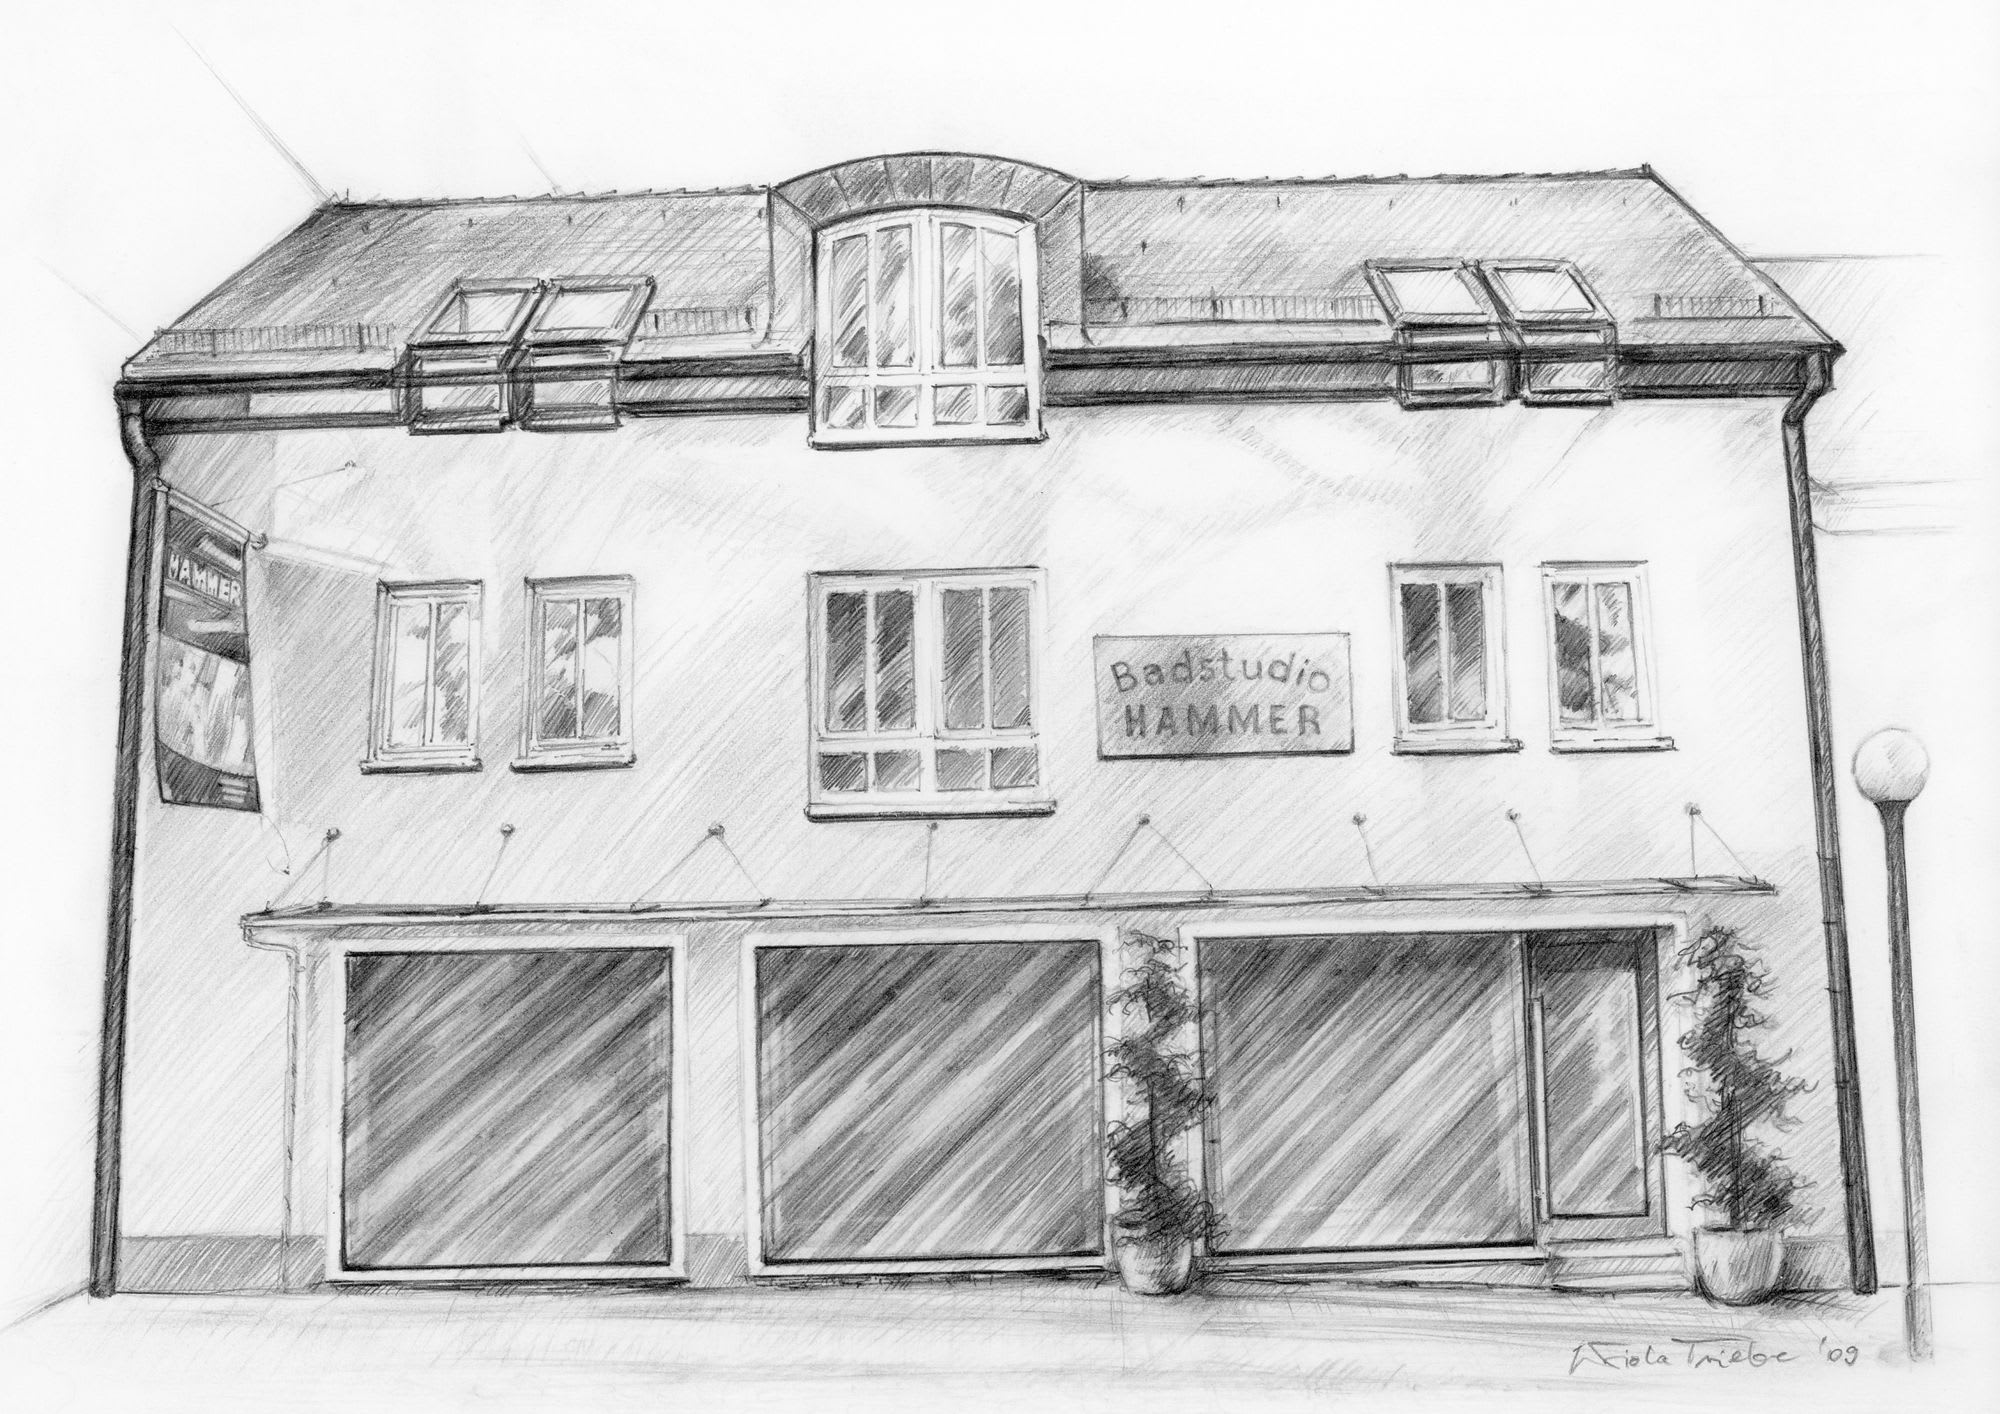 Badstudio Hammer Haus gemalt in schwarz weiß